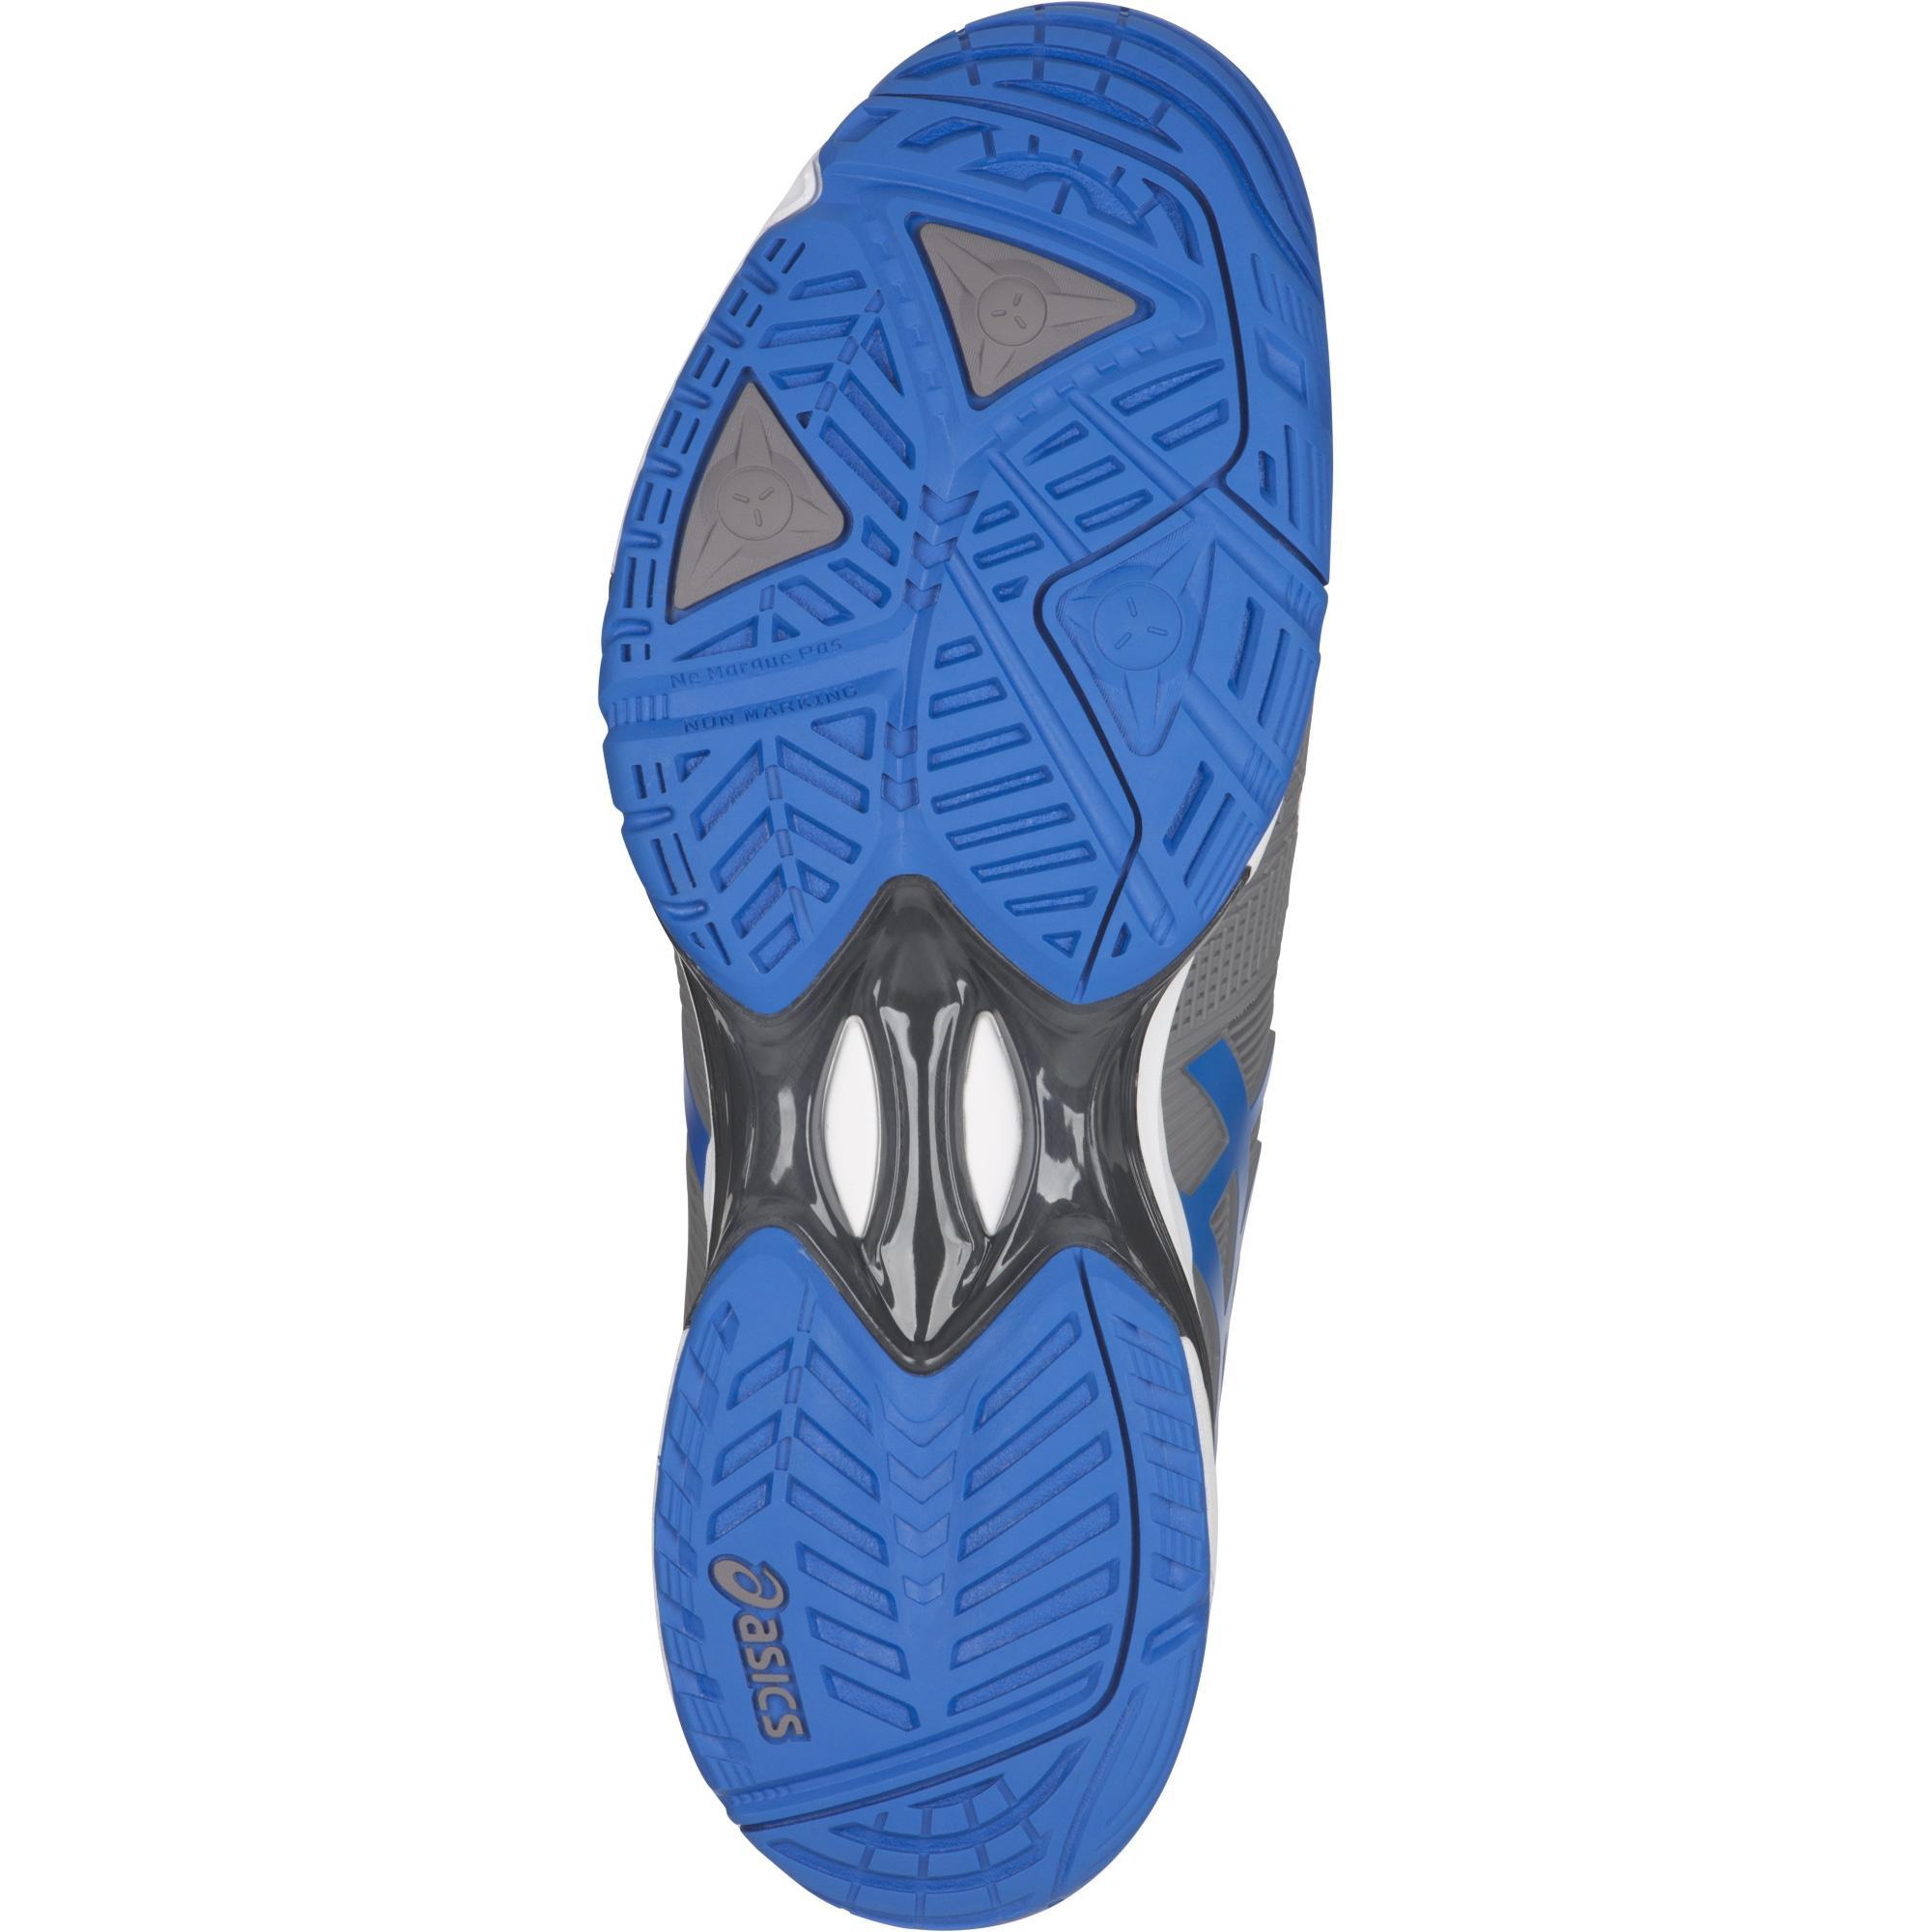 Asics Hommes GEL Solution Speed Solution 3/ de Chaussures de tennis Gris/ Bleu da65b3c - deltaportal.info